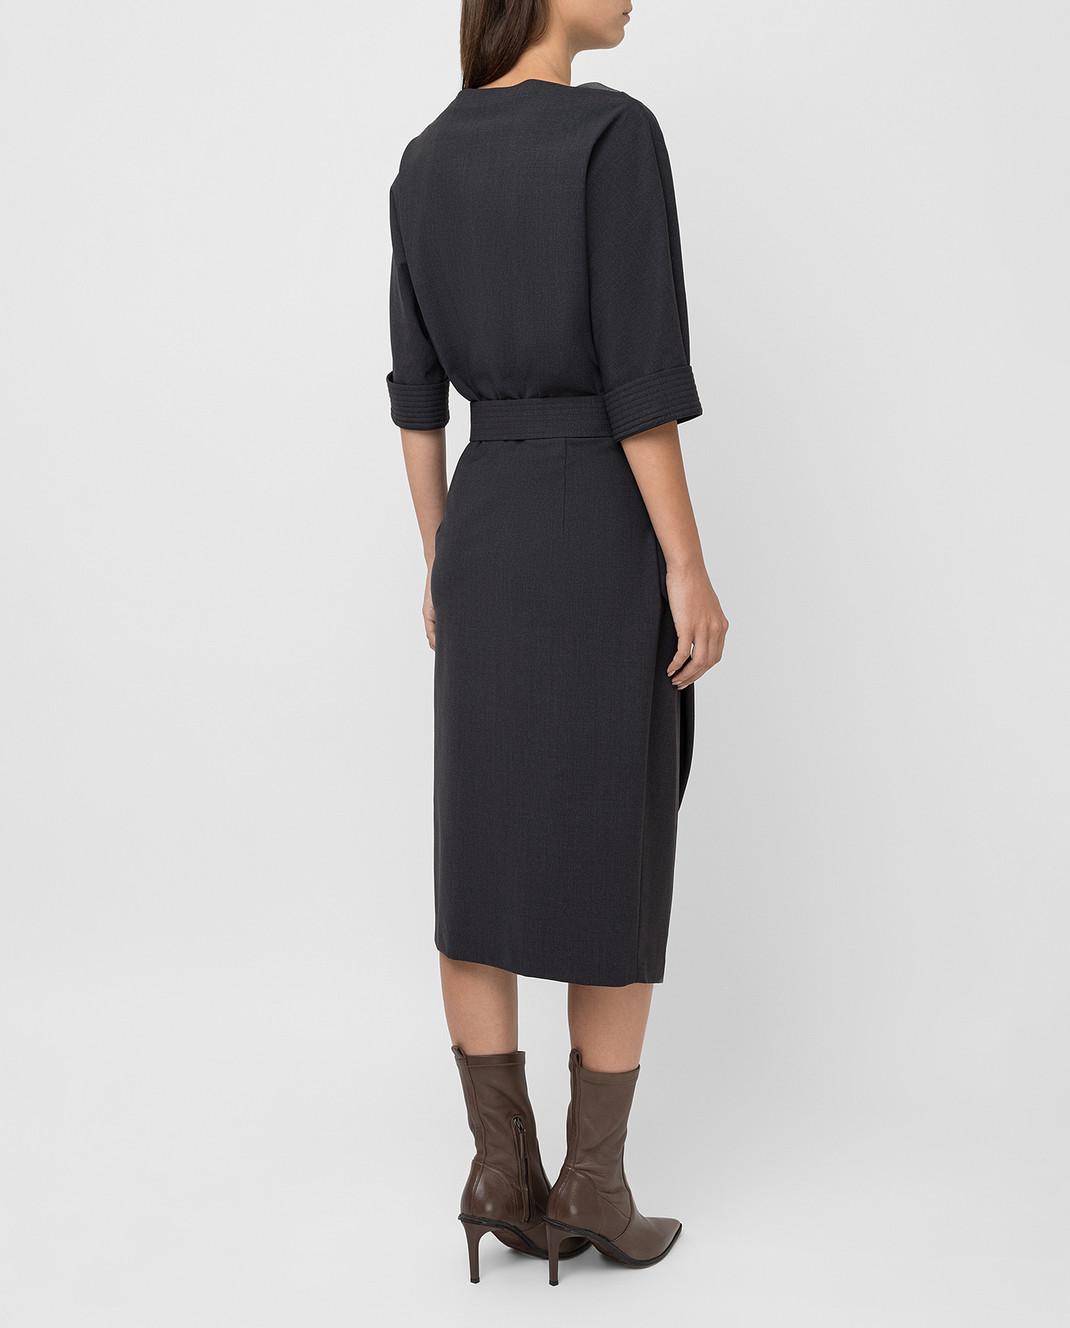 Brunello Cucinelli Темно-серое платье из шерсти изображение 4